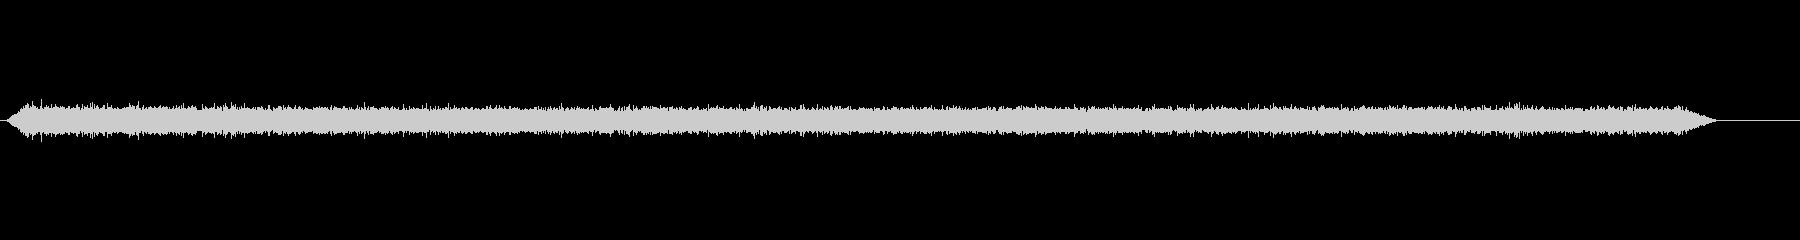 滝-ラピッズ-大の未再生の波形